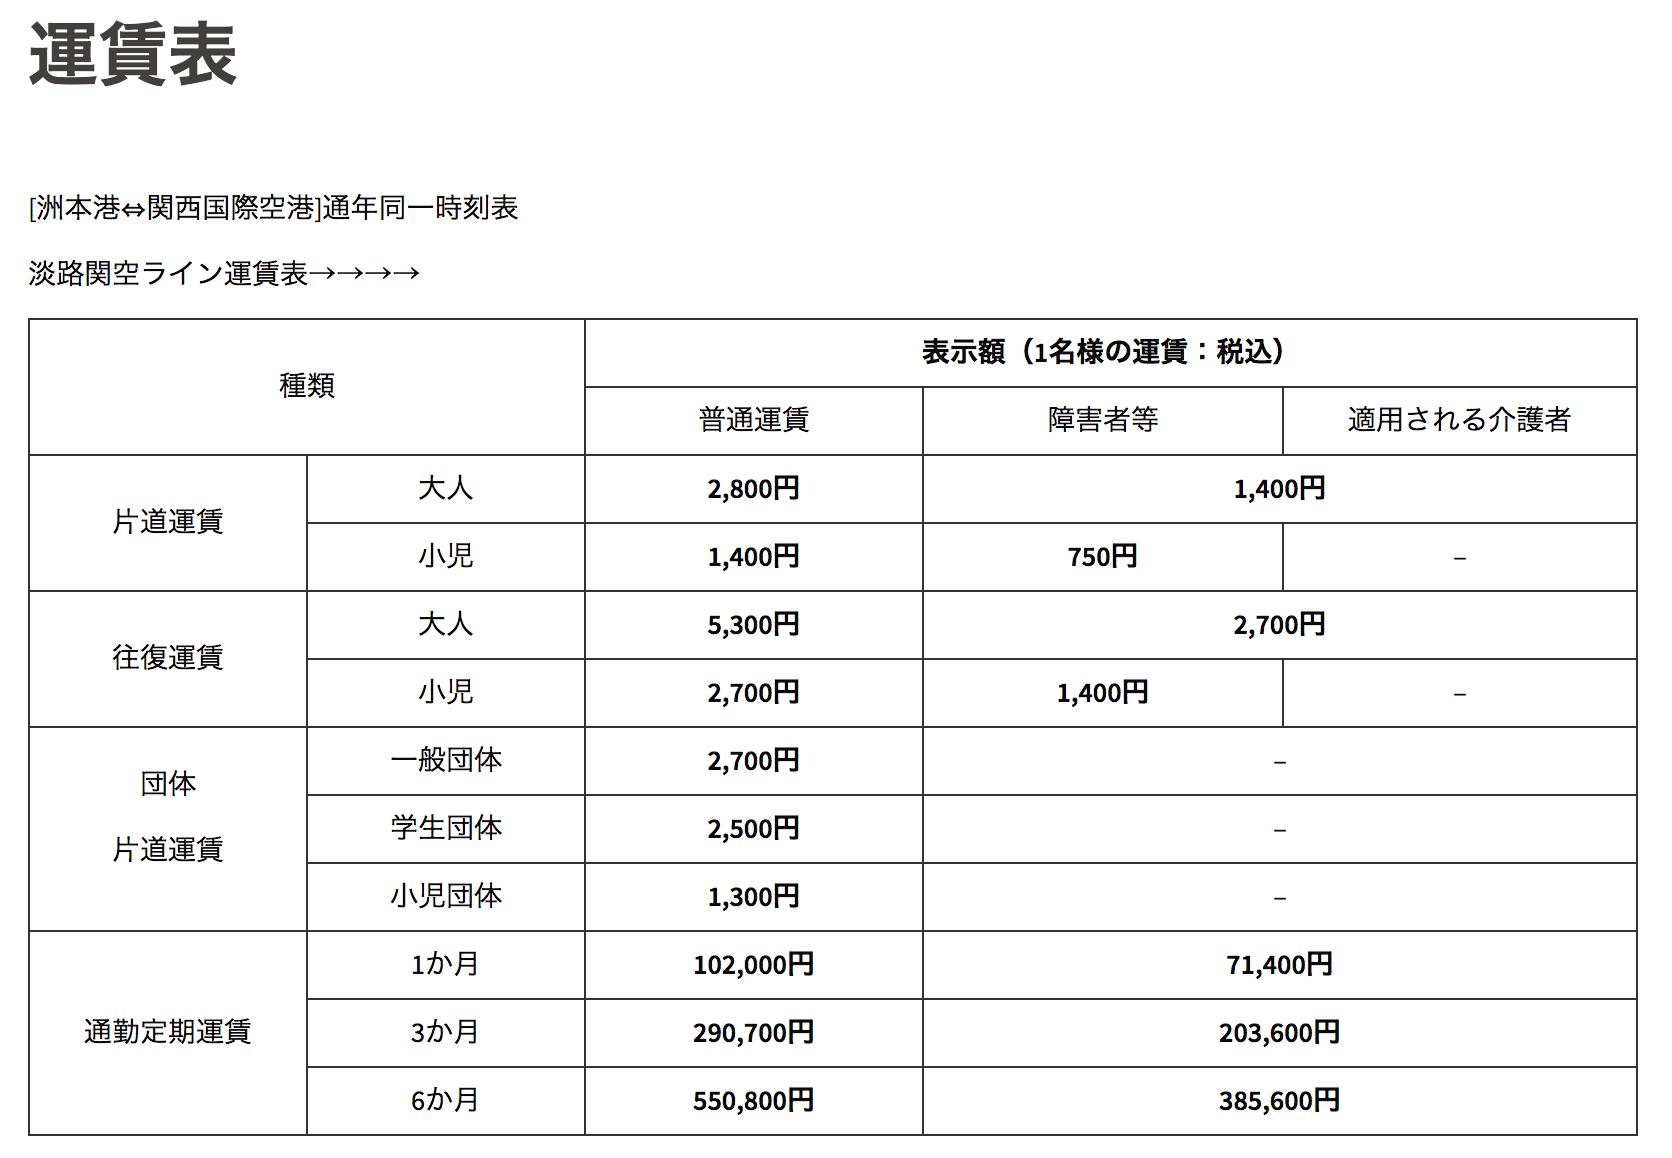 淡路関空ラインの価格表